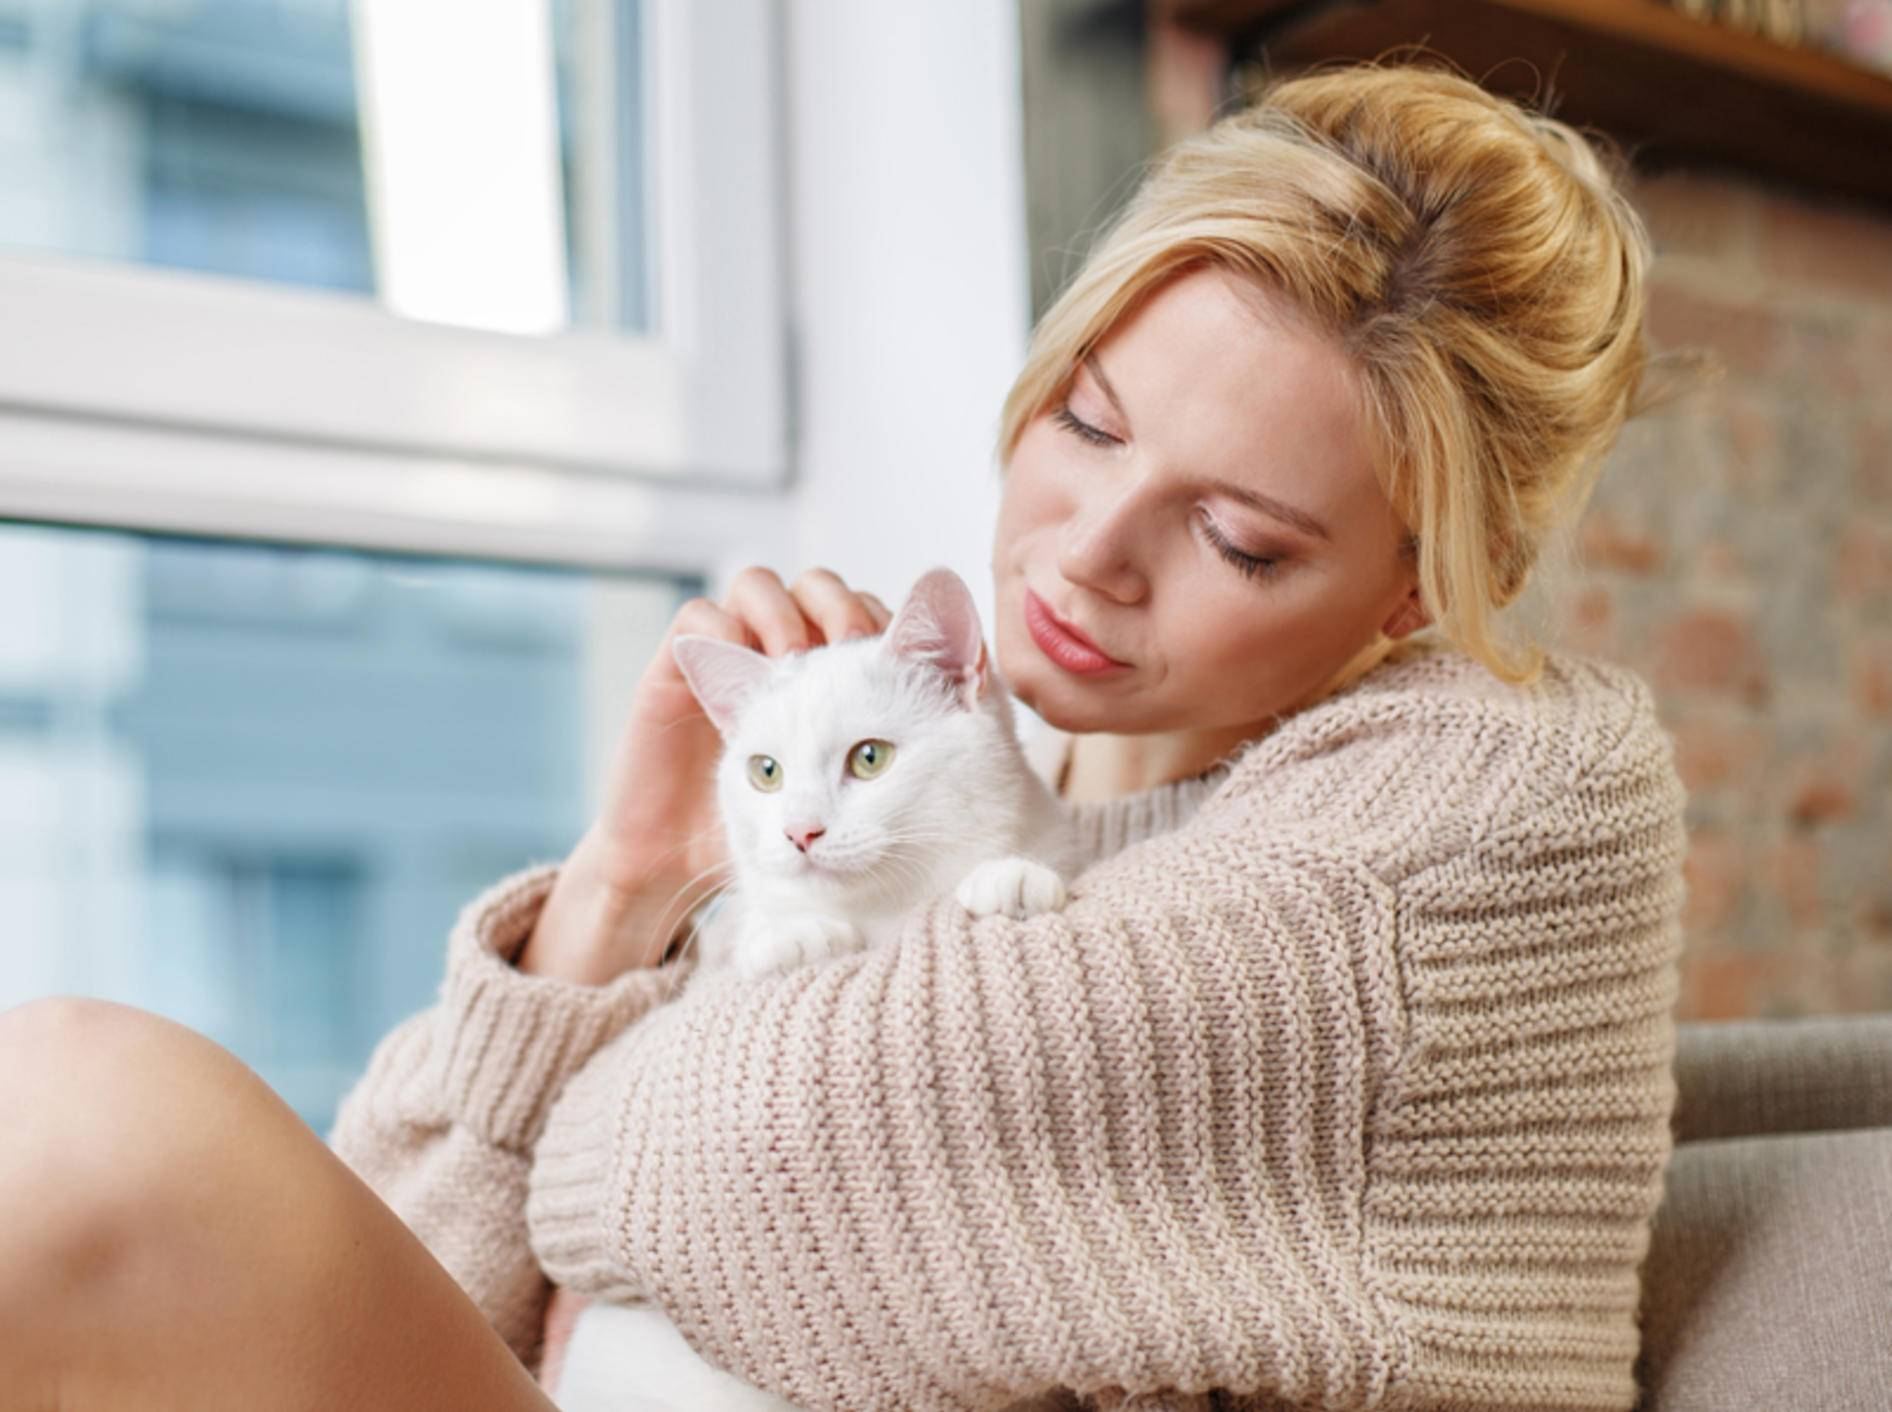 """Wissenschaftler finden heraus: Die """"verrückte Katzenfrau"""" ist nicht mehr als ein Klischee - Bild: Shutterstock / Olena Yakobchuk"""